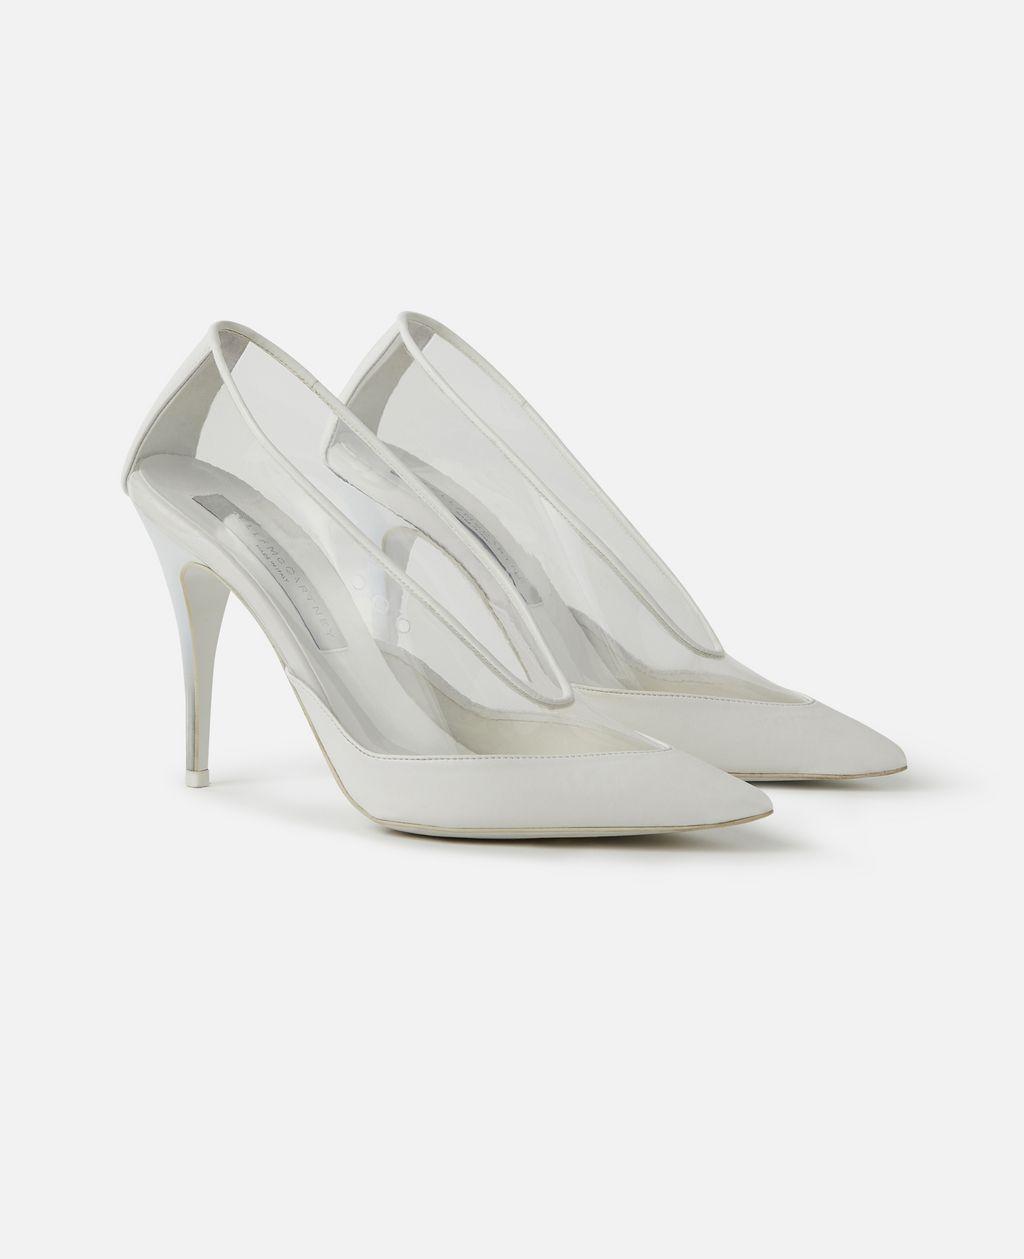 Schuhe völlig transparent super stilvoll